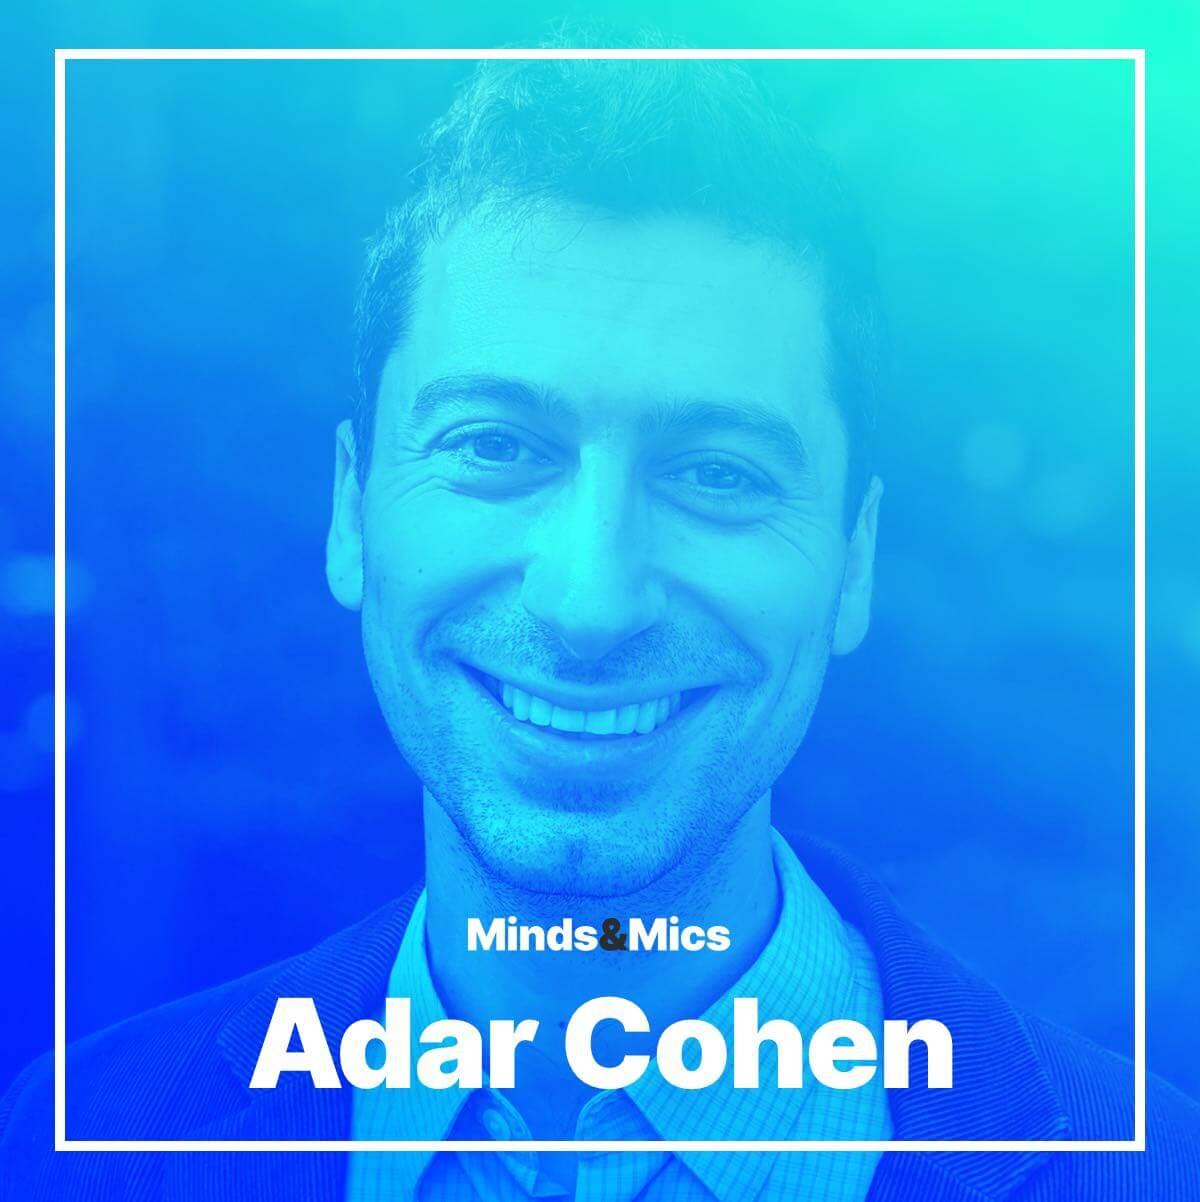 Adar Cohen Minds and Mics Wignall v2-2